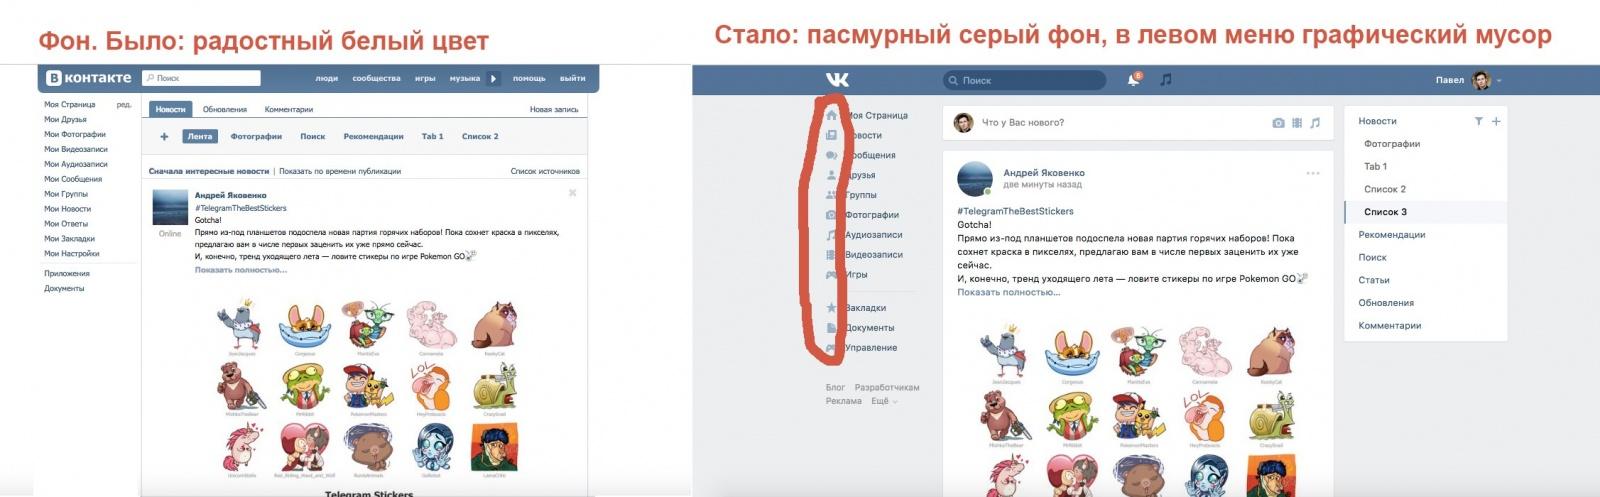 Павел Дуров прокомментировал редизайн «ВКонтакте» - 7